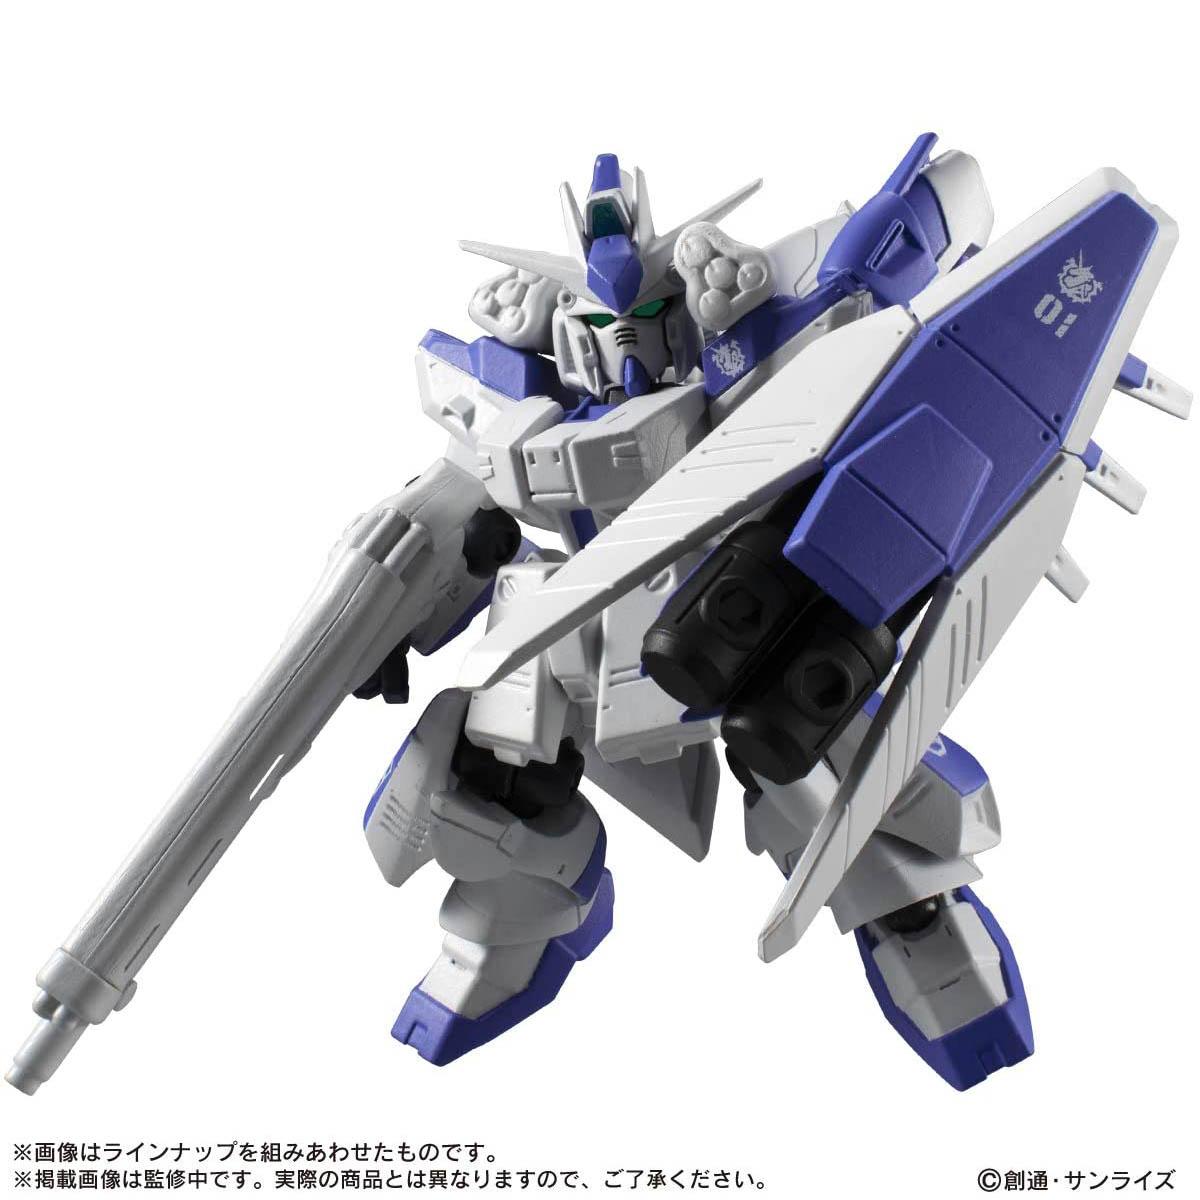 機動戦士ガンダム『MOBILE SUIT ENSEMBLE16』デフォルメ可動フィギュア 10個入りBOX-007